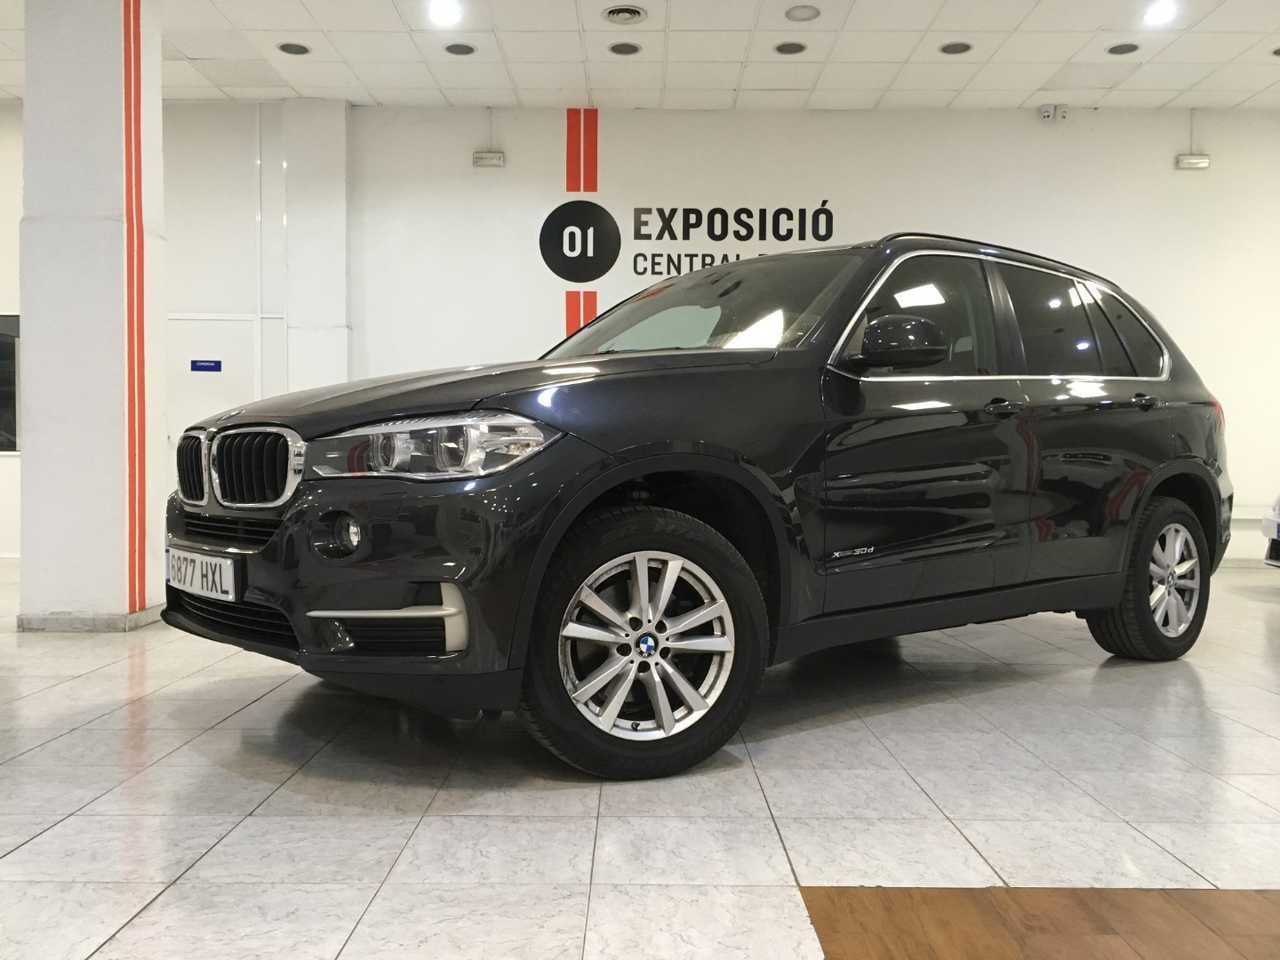 BMW X5 xDrive 3.0dA 258cv  7 Plazas/ Cuero / Navi / Bixenon --NACIONAL--   - Foto 1